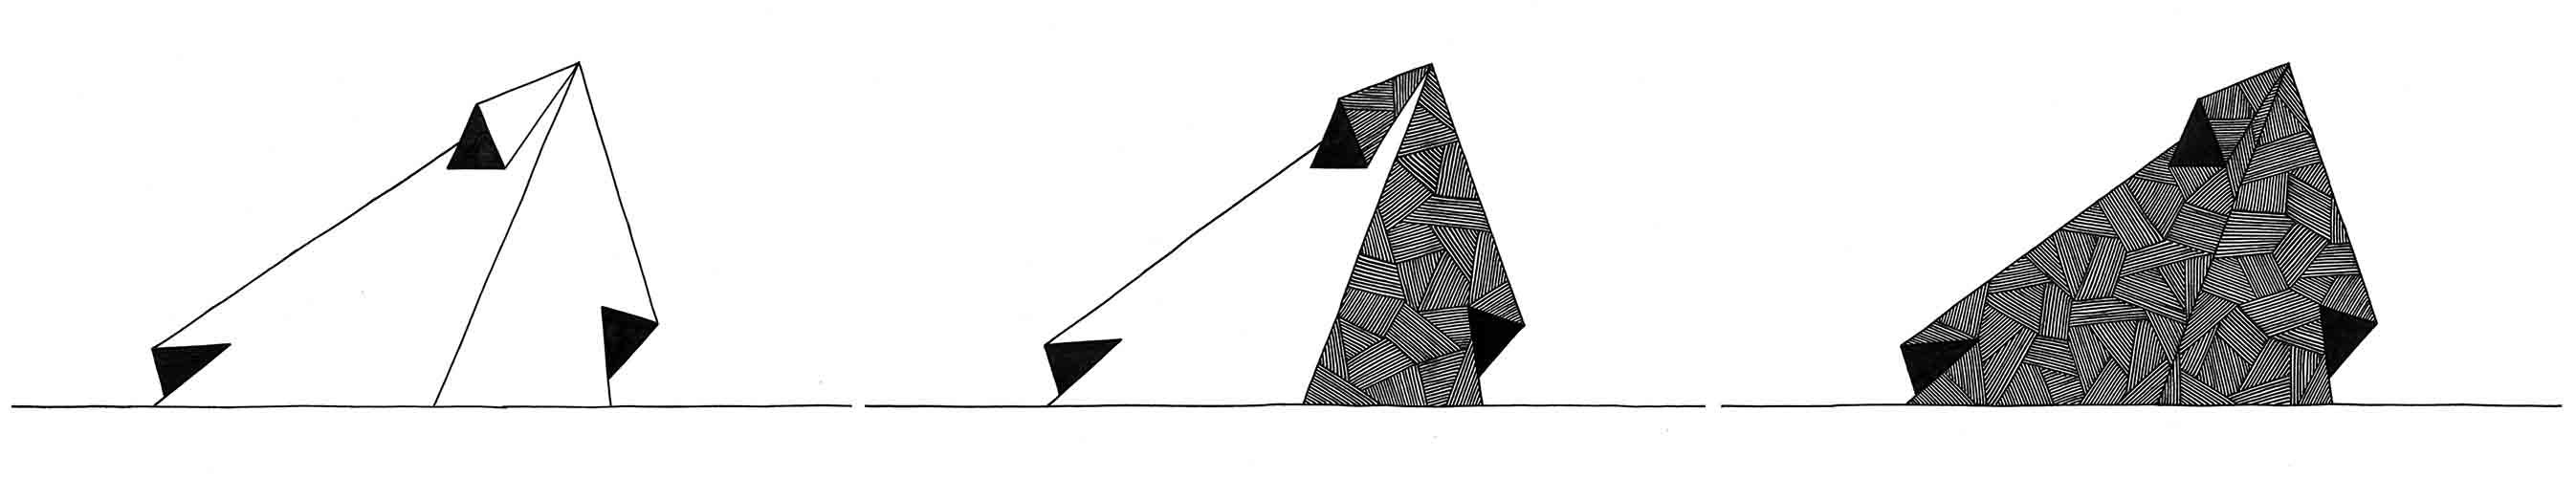 Zelt_triptych_web